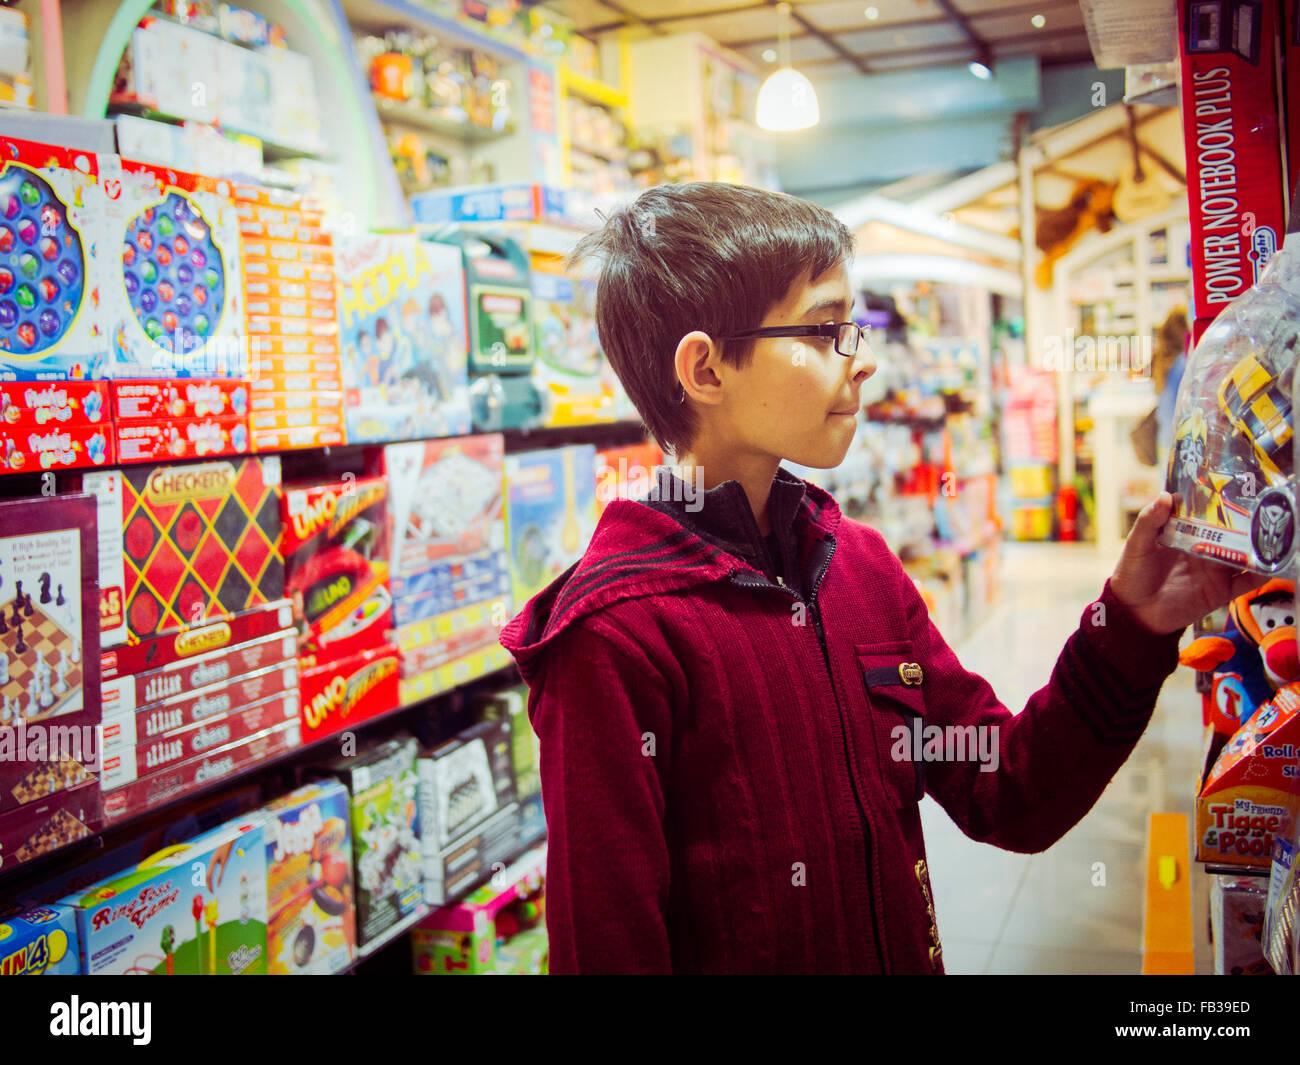 Garçon shopping magasin de jouets Islamabad au Pakistan Banque D'Images